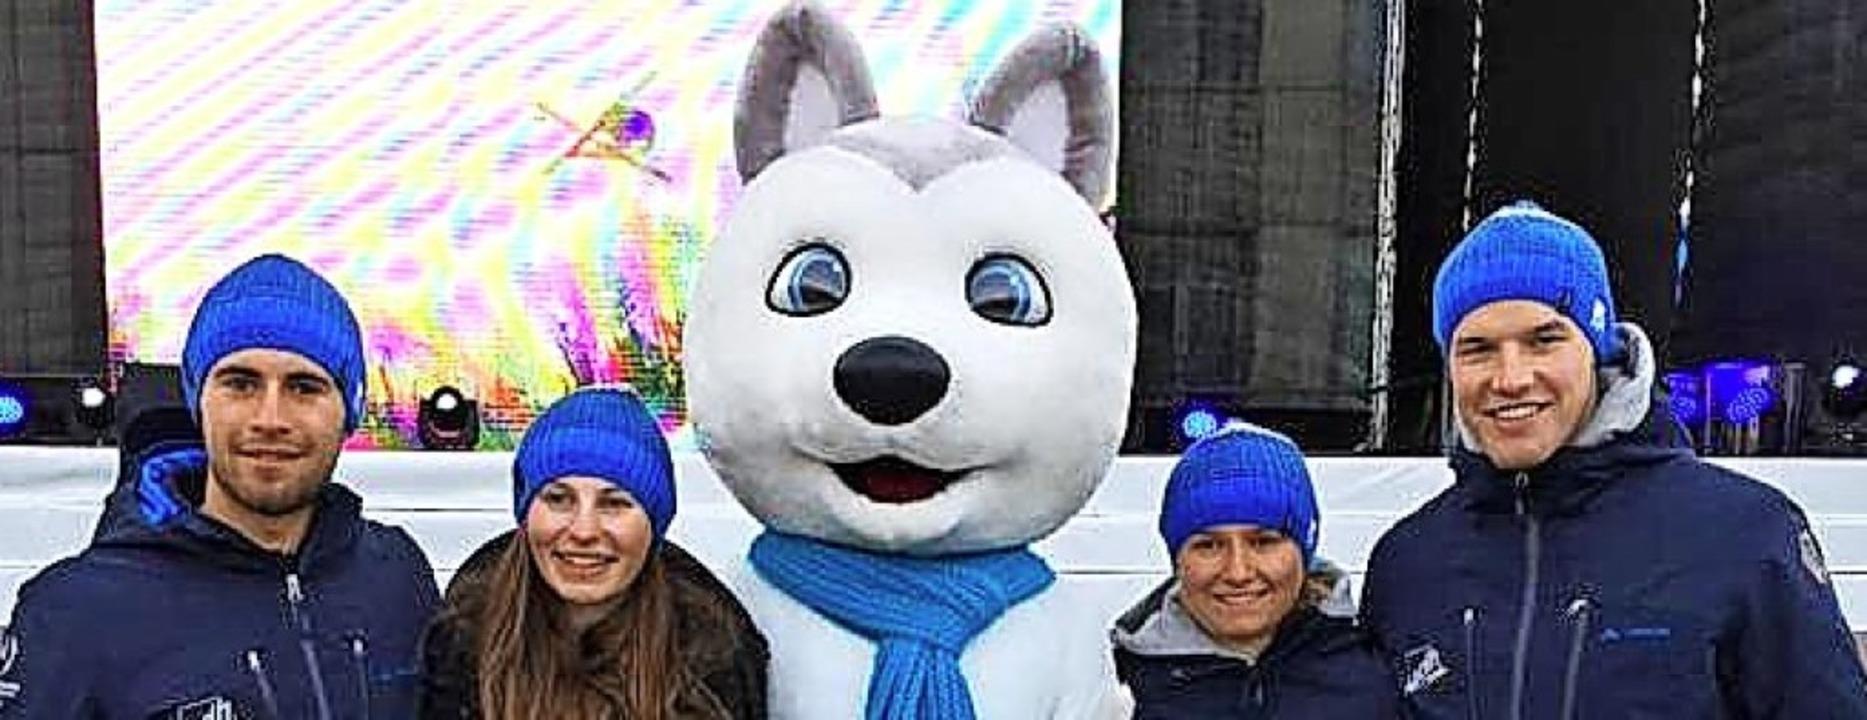 Das alpine Universiade-Team mit Maskot...tlekofer, Olivia Wenk und Tim Siegmund  | Foto: uni